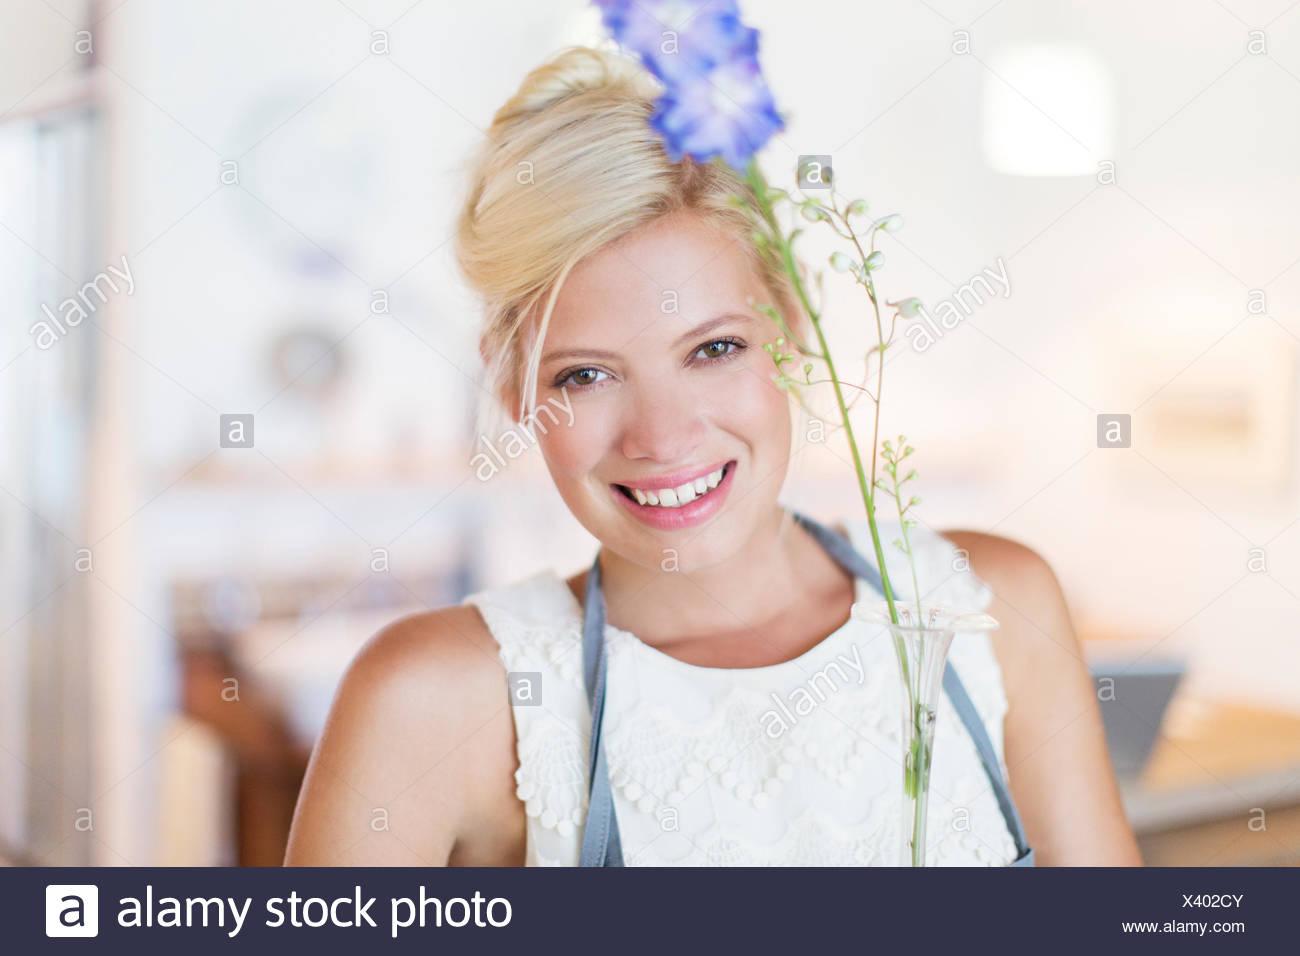 Mujer sosteniendo flores en rústica cocina Imagen De Stock